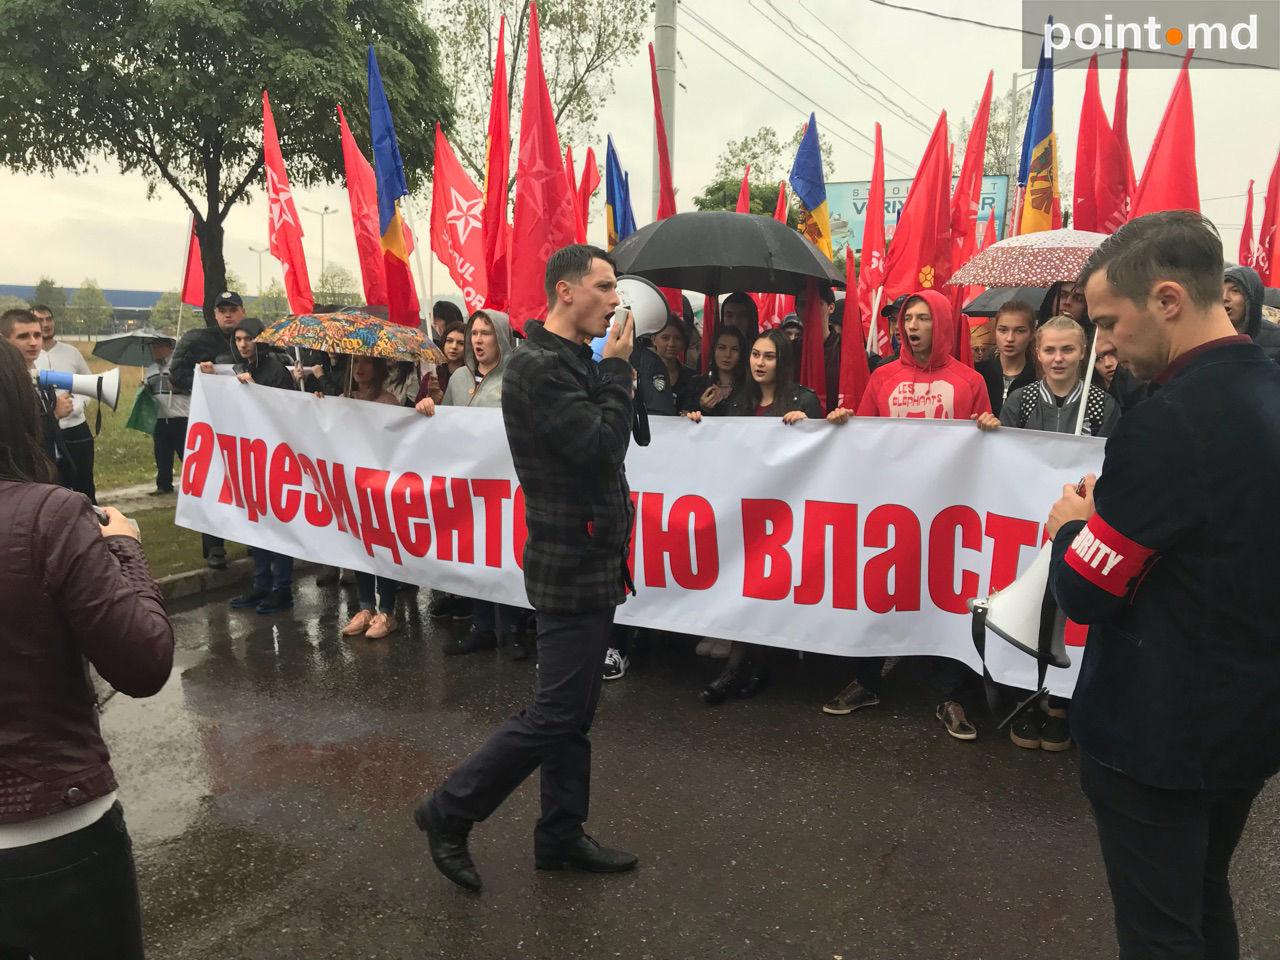 Социалисты проведут повсей стране массовые акции вподдержку инициатив президента